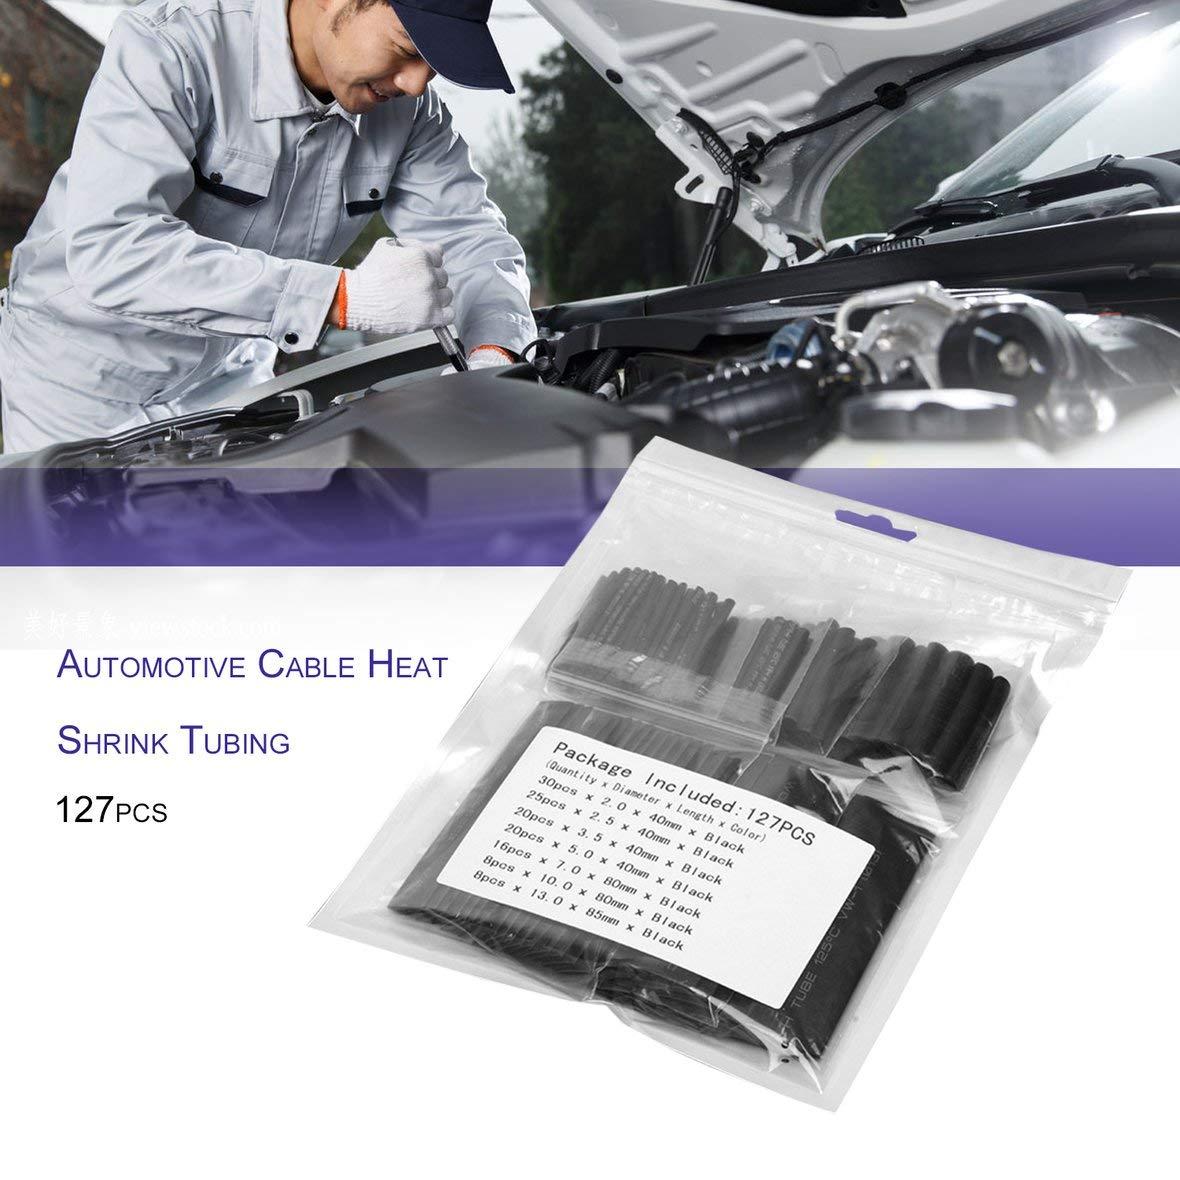 kit Assorti 127pcs Gaine thermor/étractable pour Cable /électrique pour Voiture Noir Protection de lenvironnement Gaine denveloppe de Tube Ignifuge